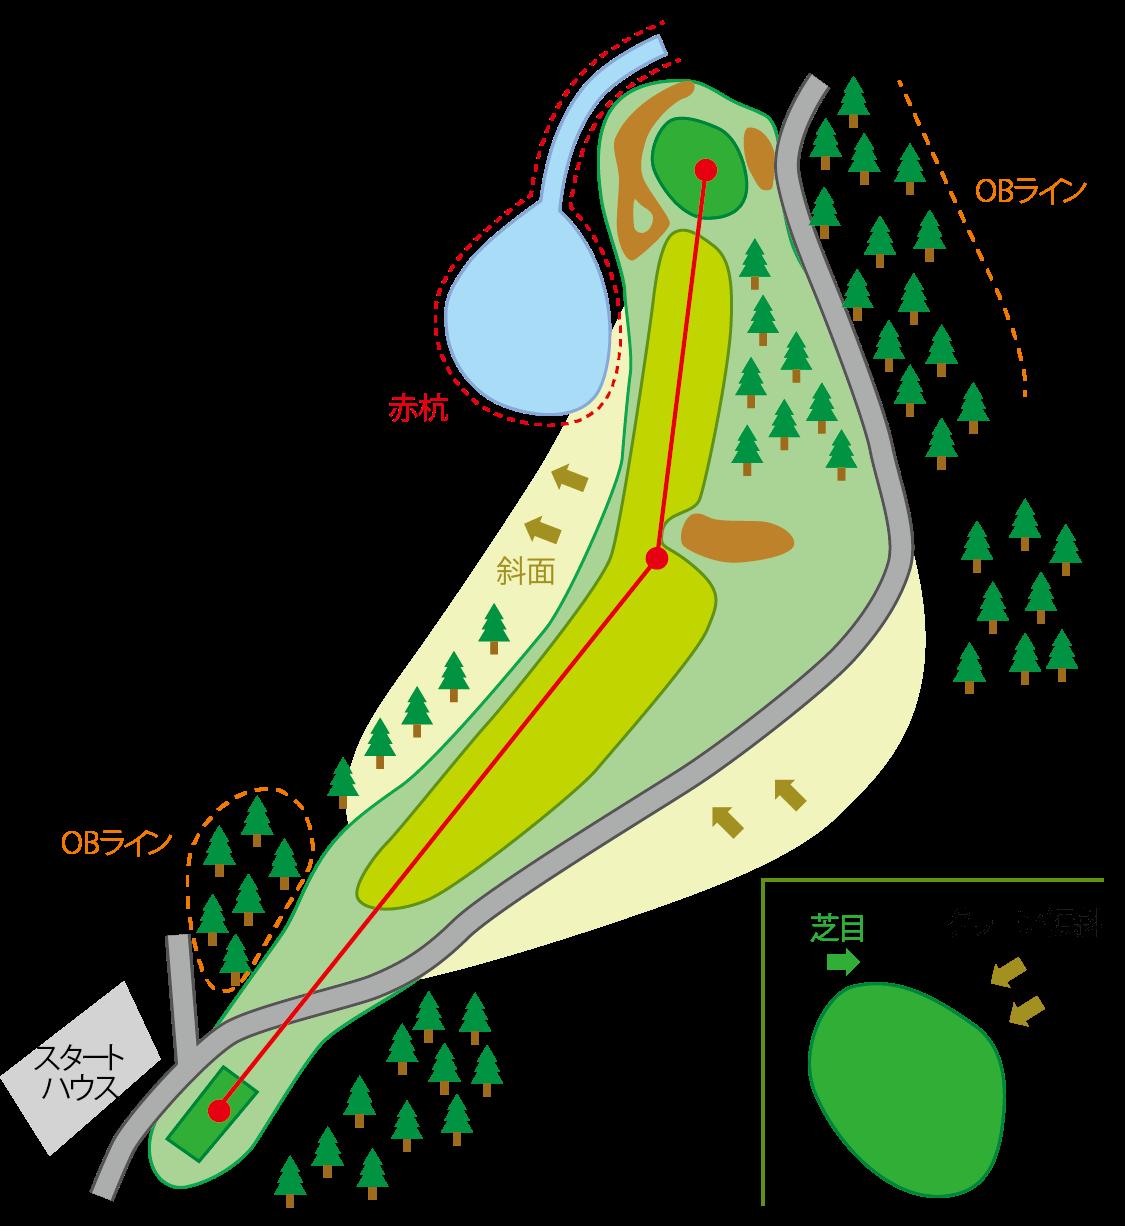 阿賀コース HOLE1のコースマップ